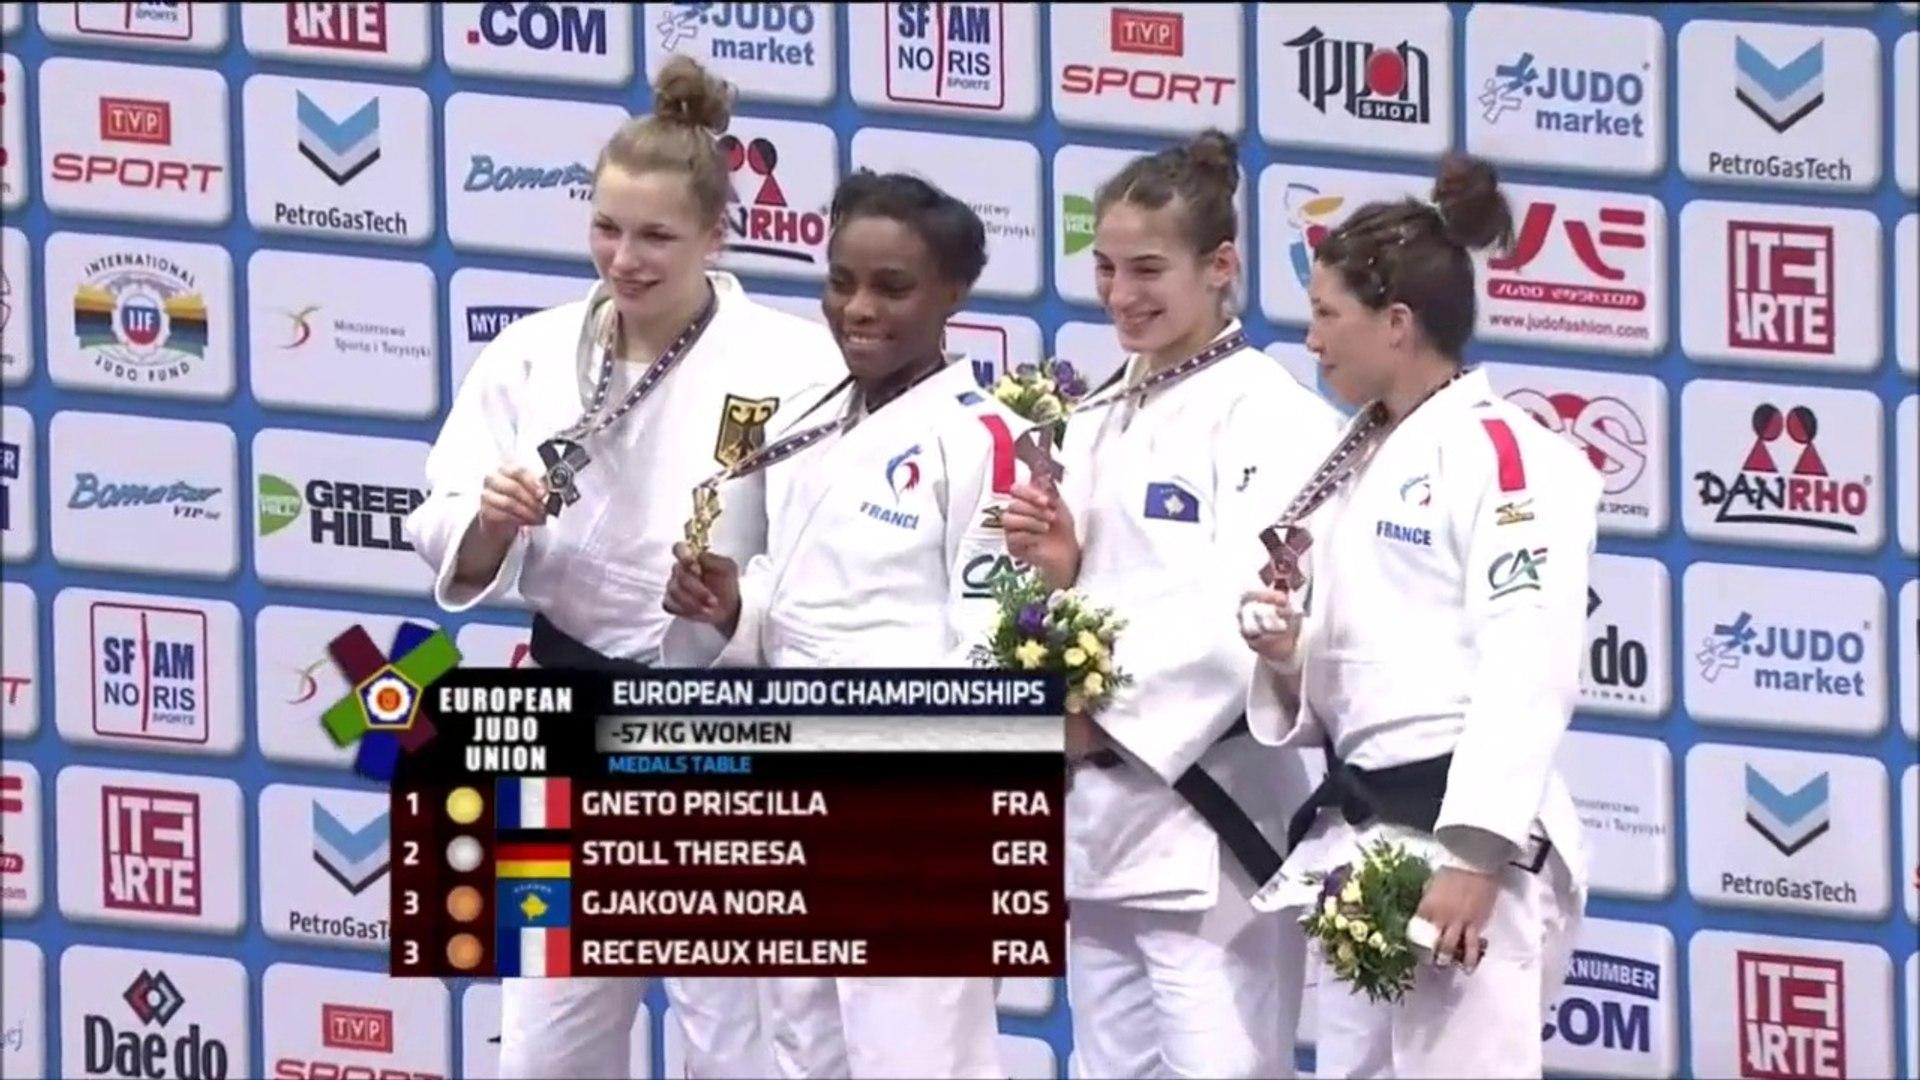 ChE judo Varsovie 2017, -57kg, Priscilla Gneto championne d'Europe, Hélène  Receveaux en bronze